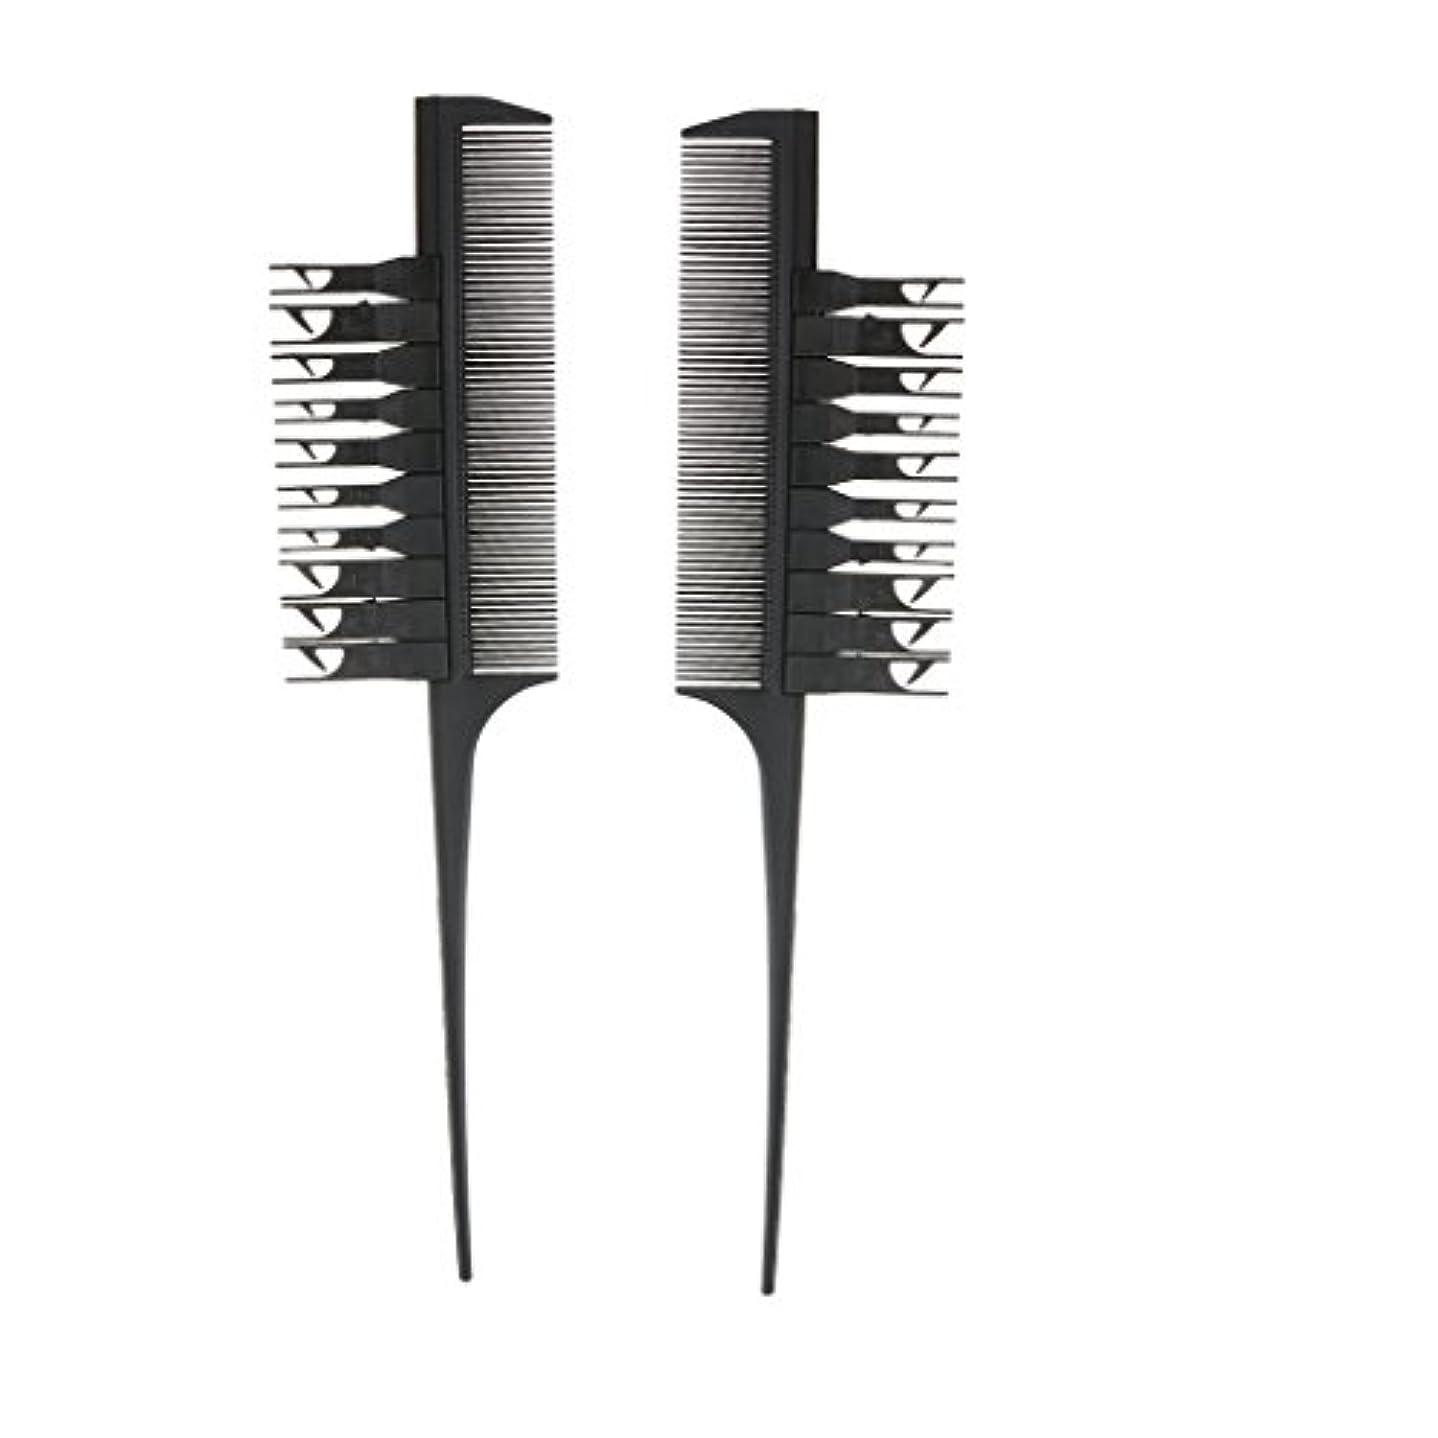 マディソン提供提供2個入り ヘアダイブラシ ヘアカラーリング コーム 櫛 実用的 便利性 (ブラック)